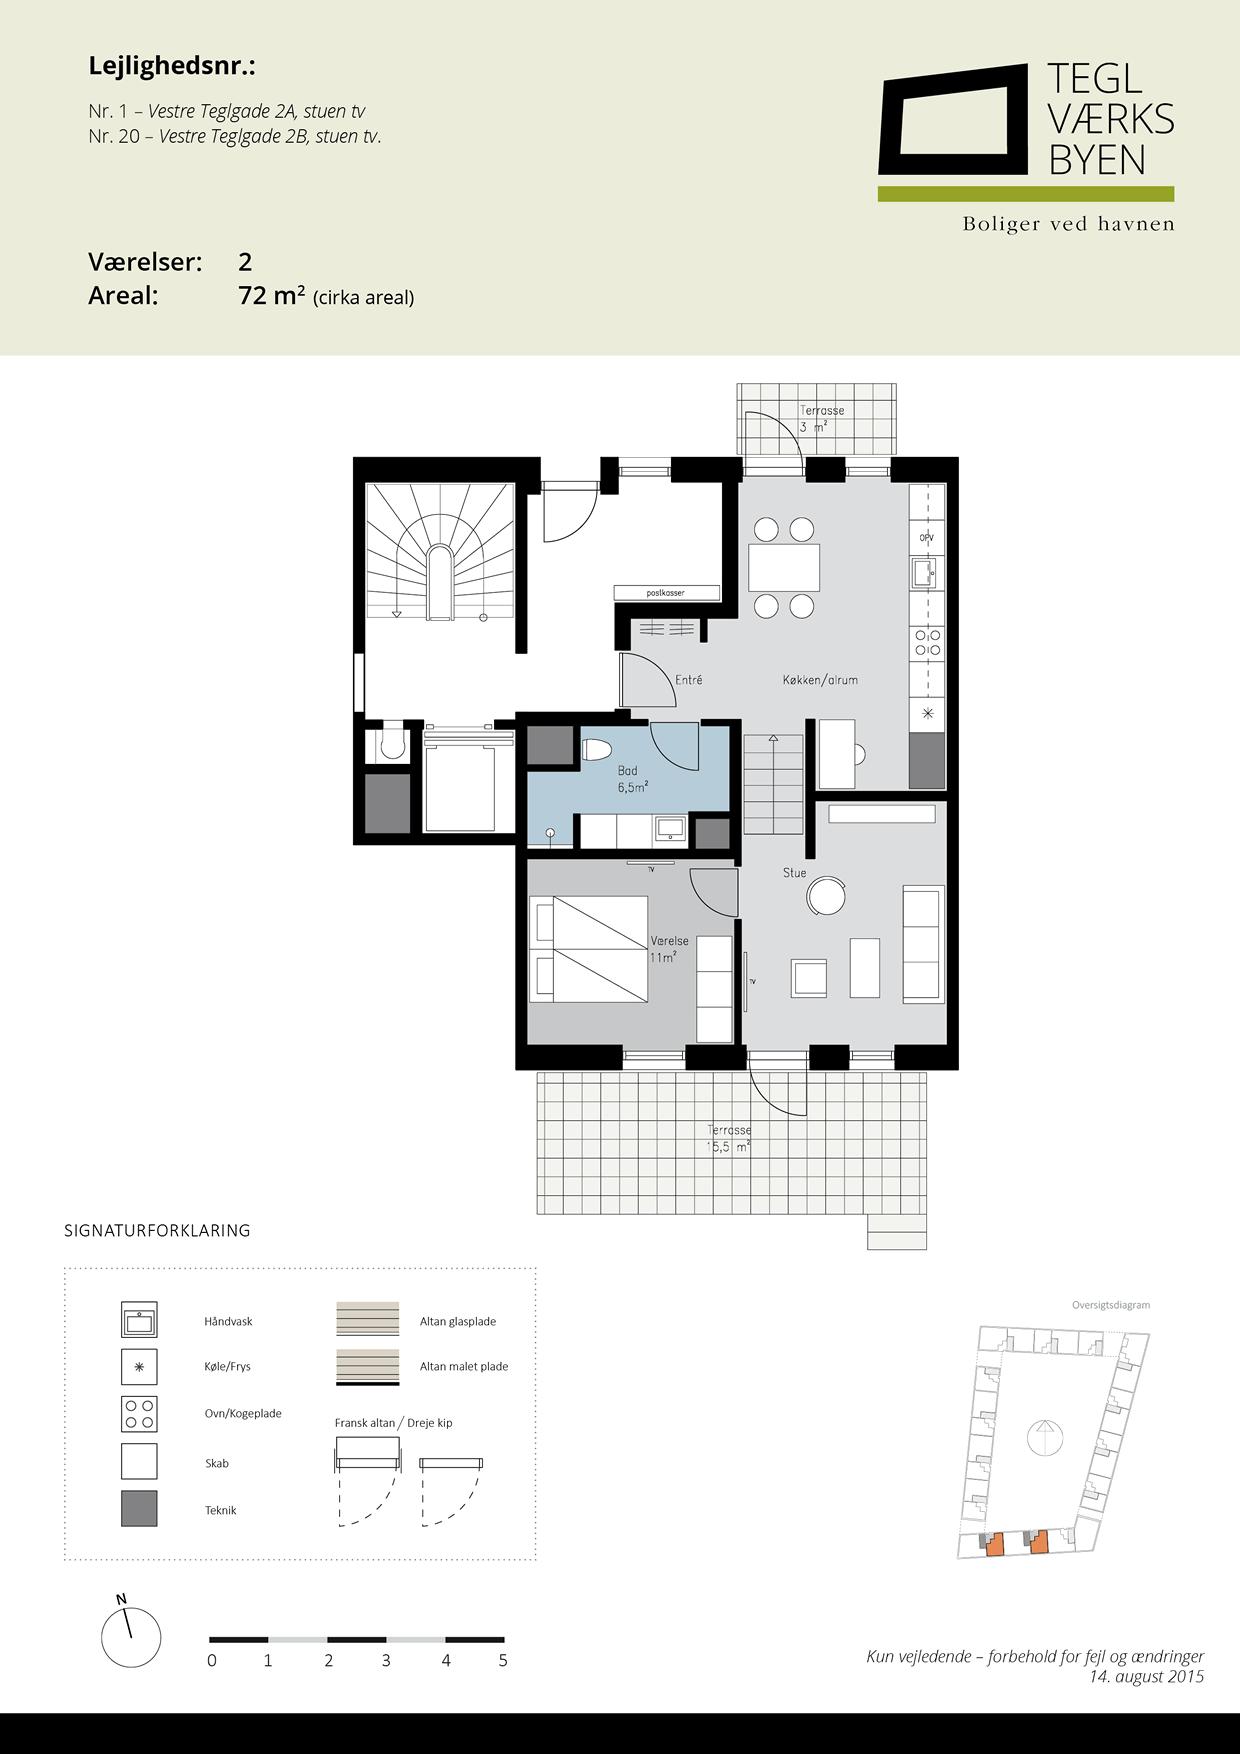 Teglvaerksbyen_1-20_plan